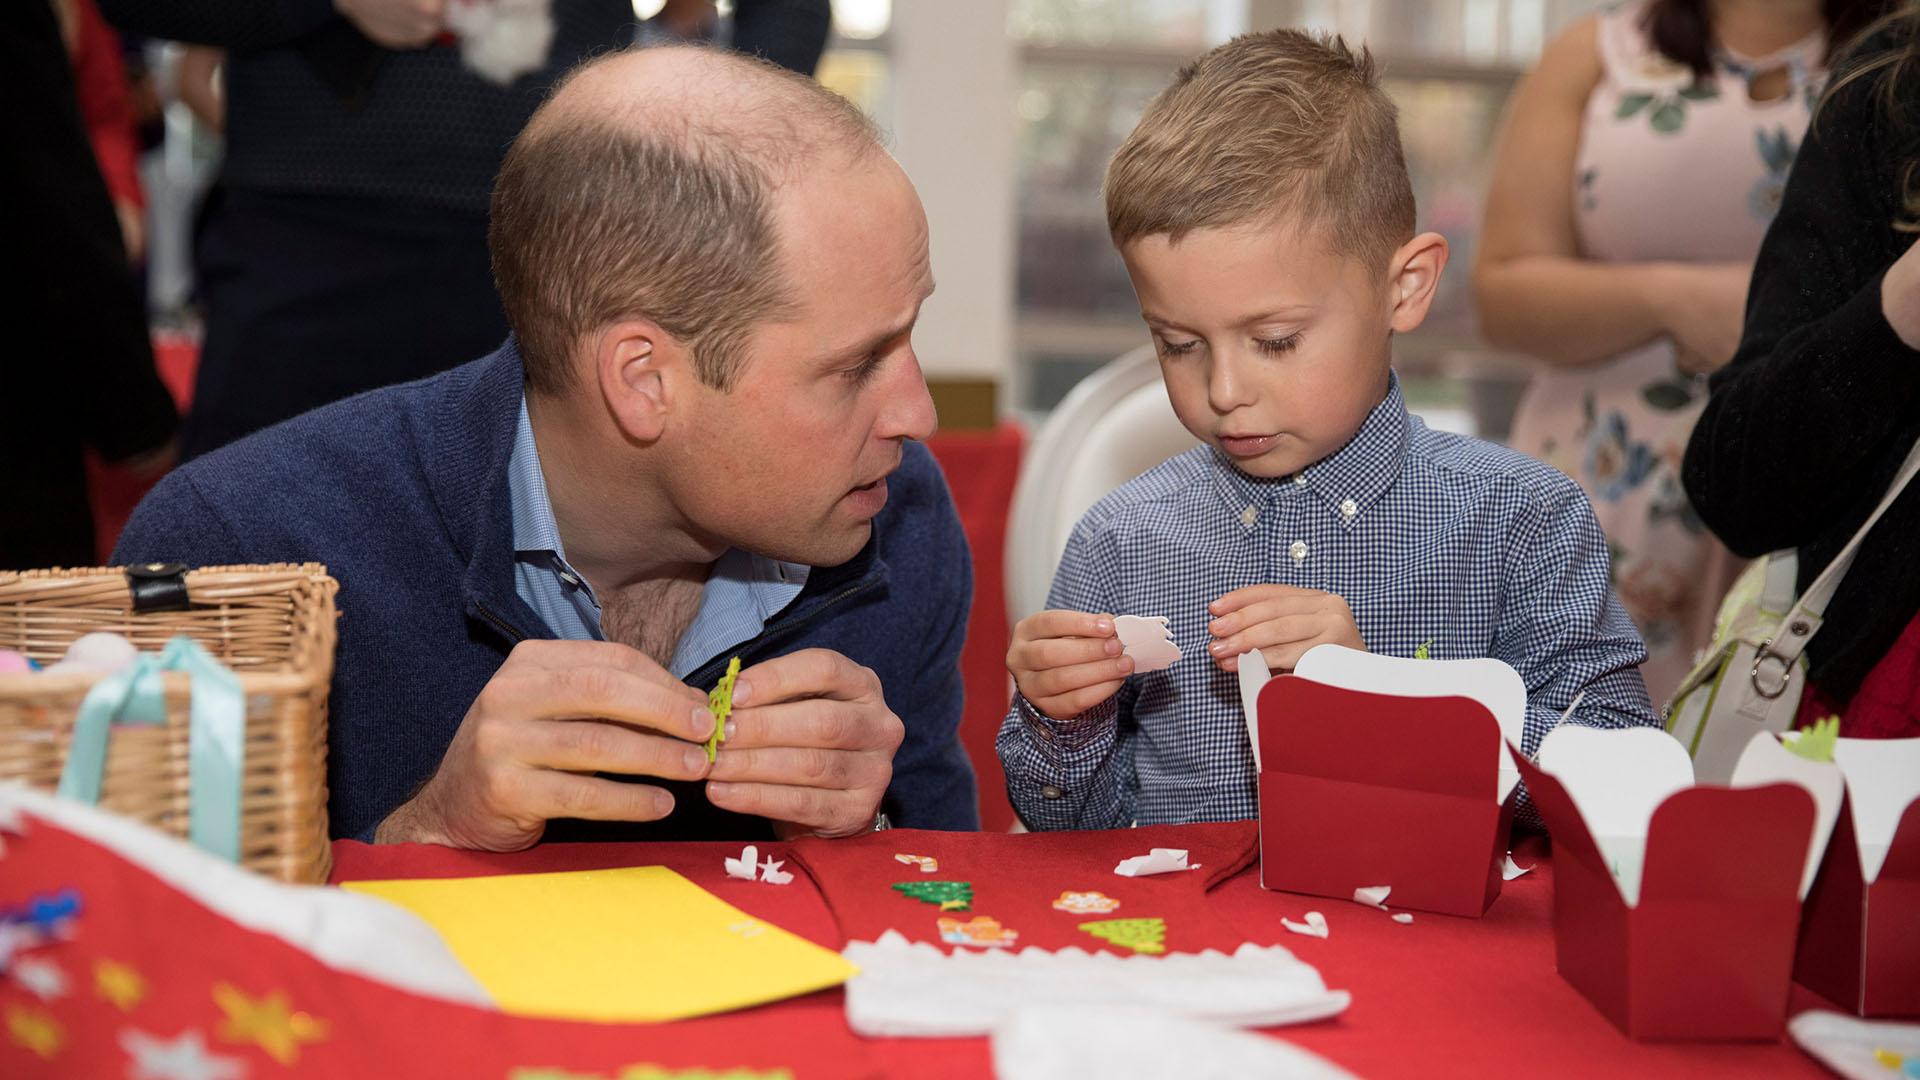 Acompañado por uno de los niños, el príncipe Guillermo se sentó a preparar trufas de chocolate para la mesa navideña